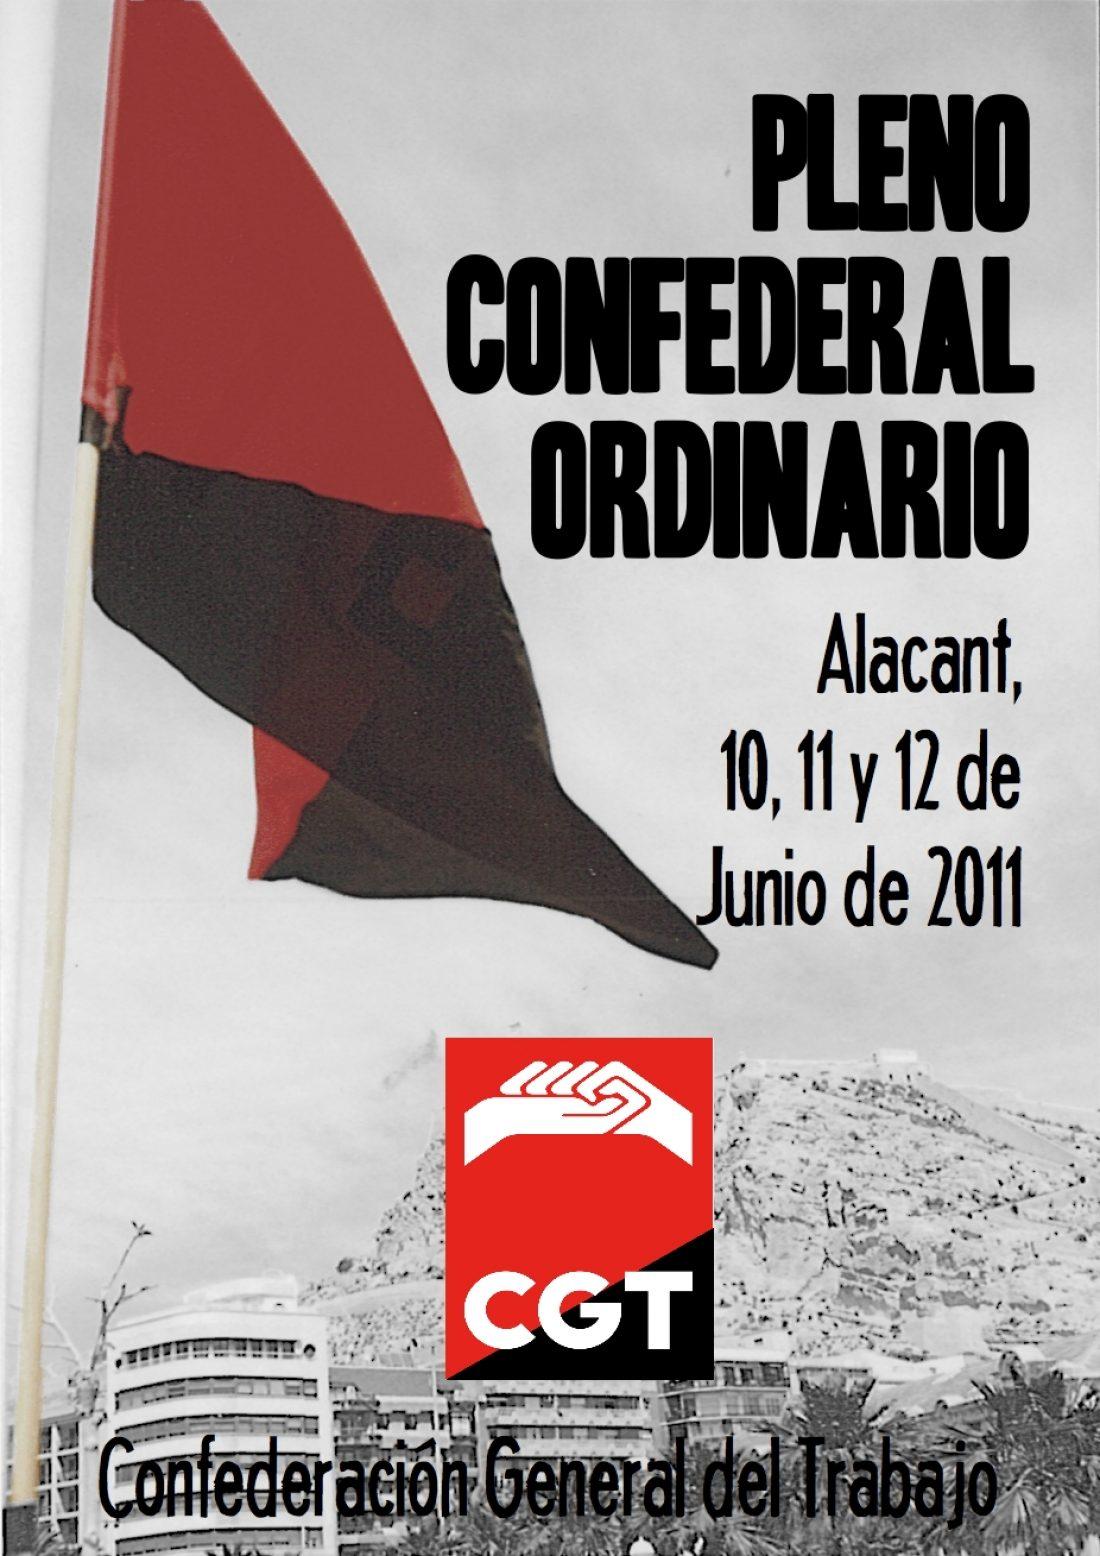 Pleno Confederal de la CGT (Alacant, 10, 11 y 12 de junio).